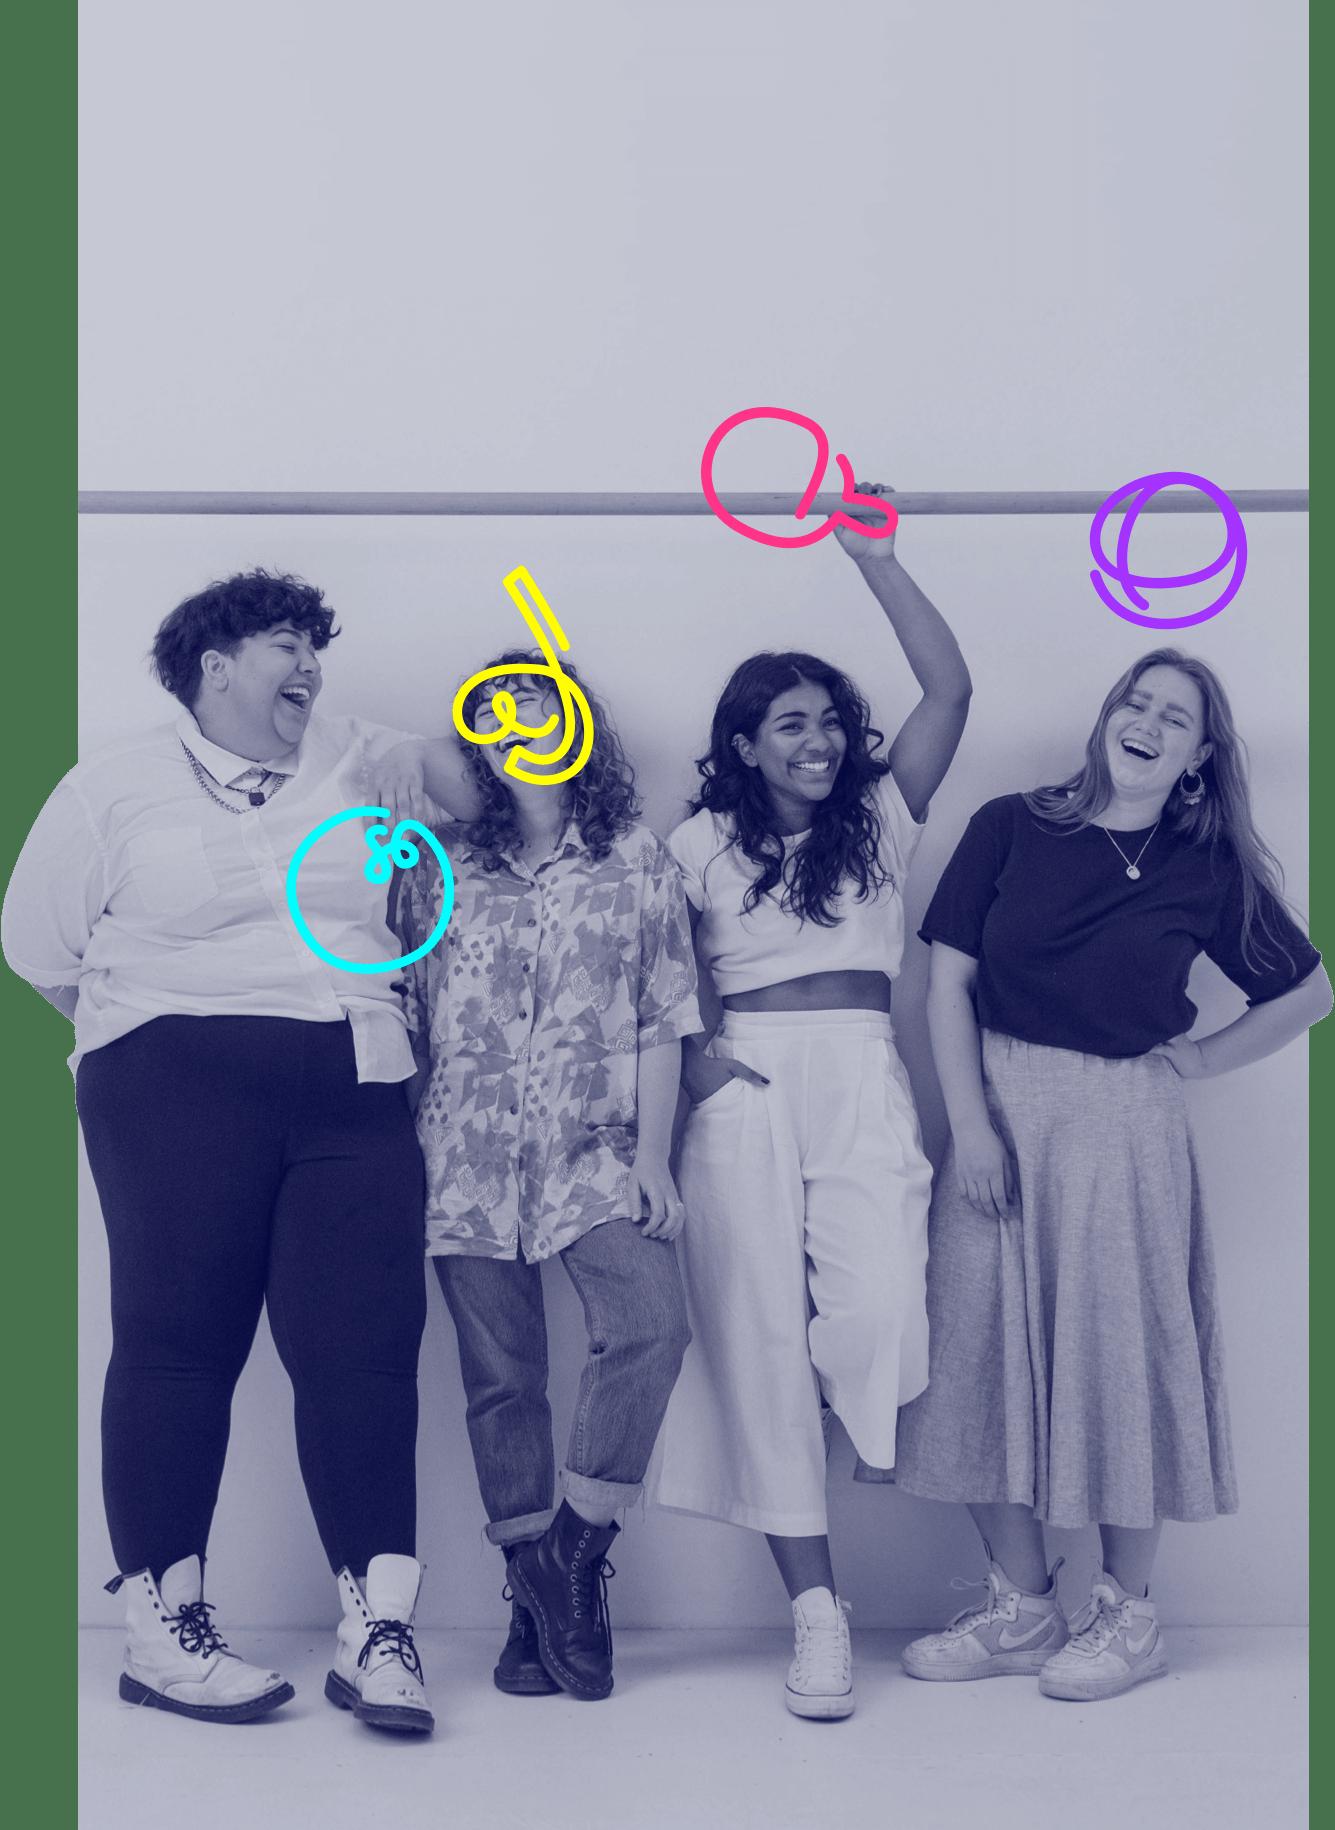 Quatre jeunes filles portant une boule de bowling, un masque de plongée, une raquette de tennis de table et un ballon de basket